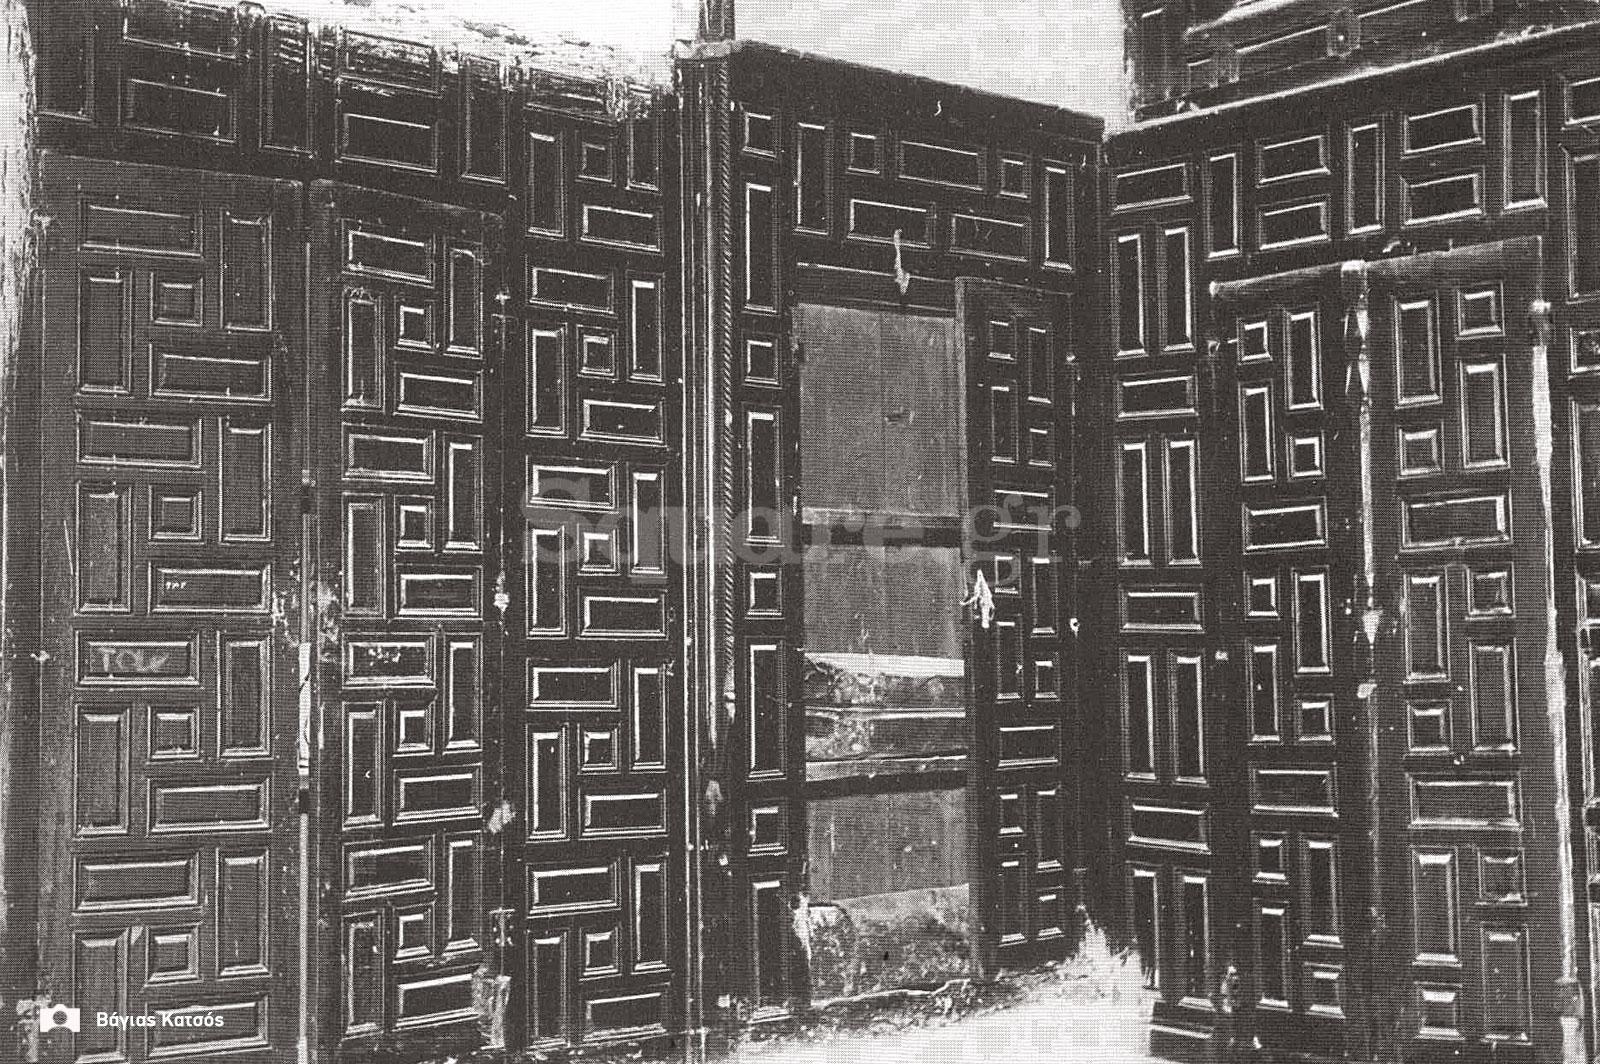 37-Μεσάντρες-δωματίου-Καλού-οντά-Του-σπιτιού-Καράκωστα-Φωτ-Γ-Βραιμάκης-1968-final-square-logo